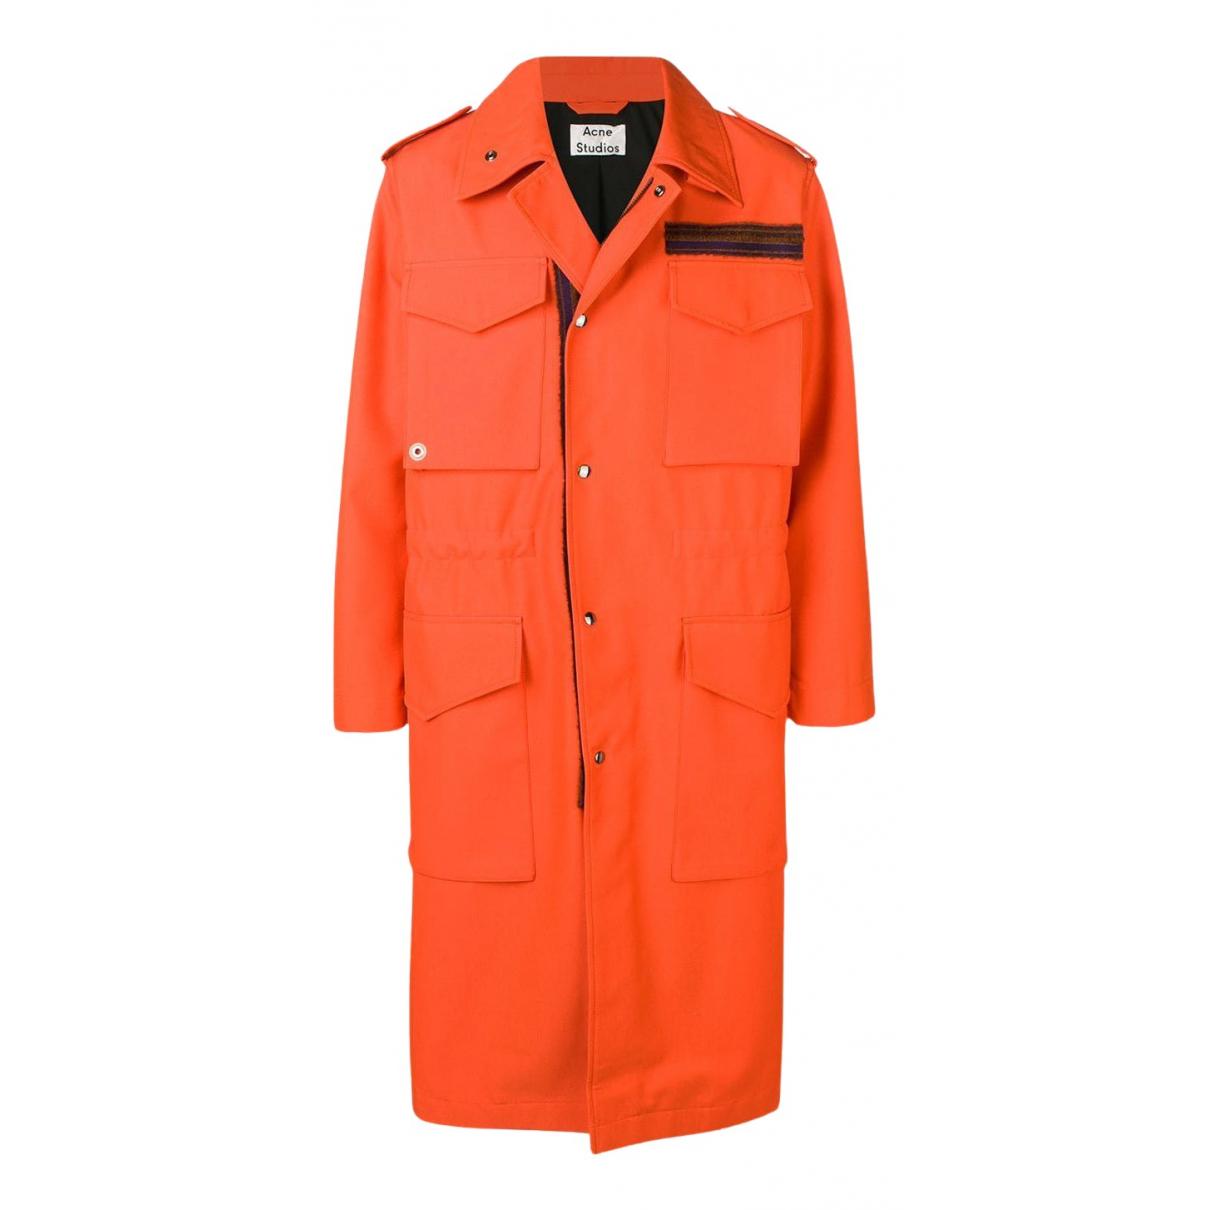 Acne Studios - Manteau   pour homme en laine - orange